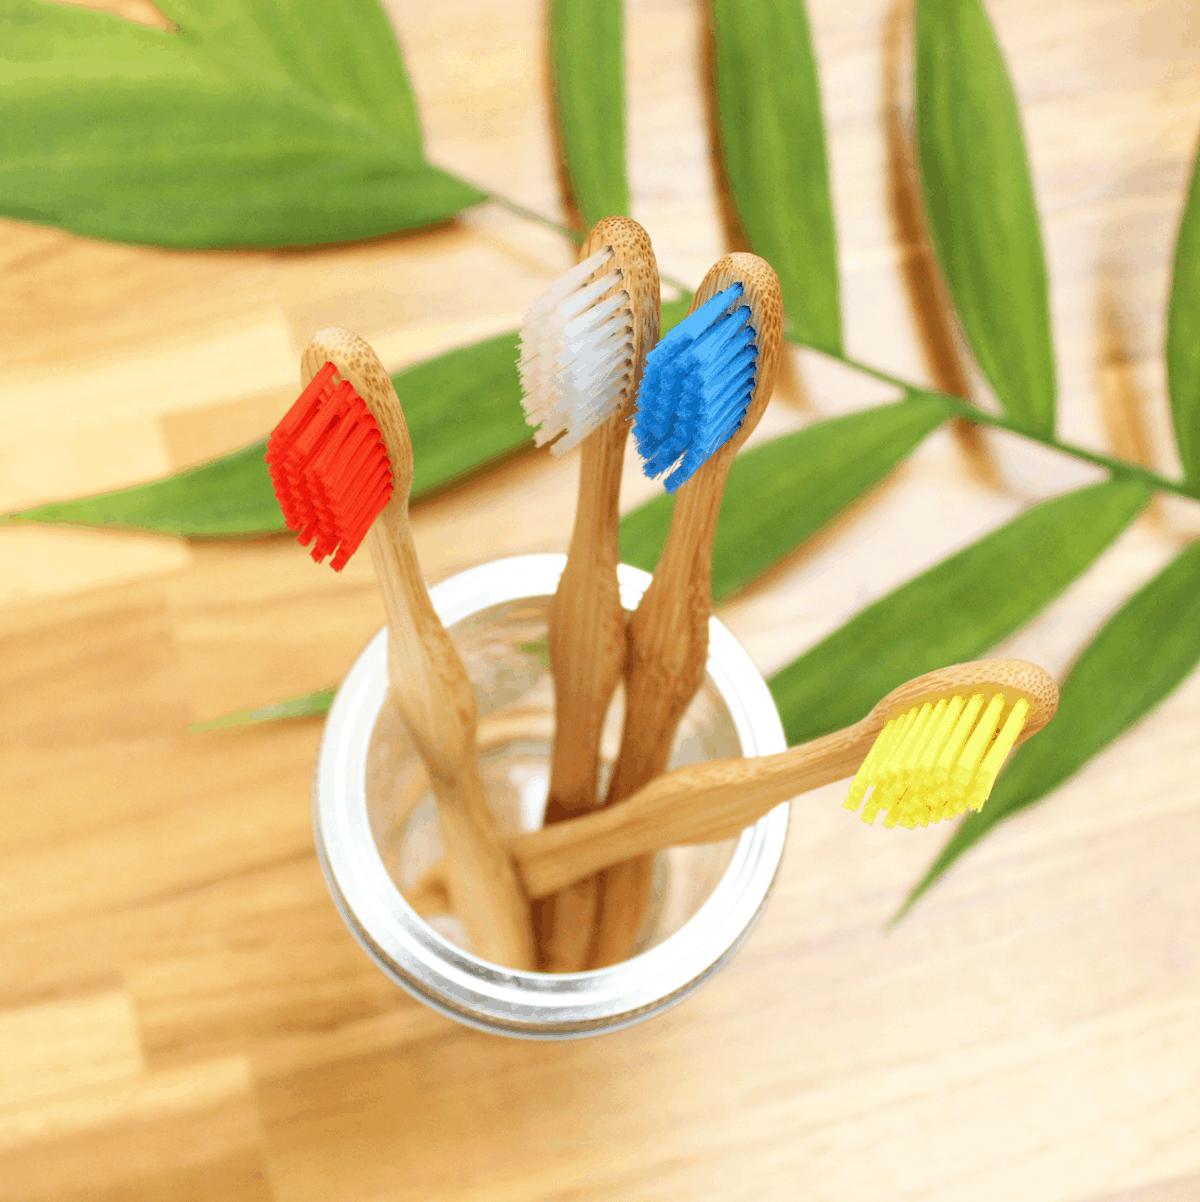 evitar plásticos não recicláveis, escova de bambu, beegreen